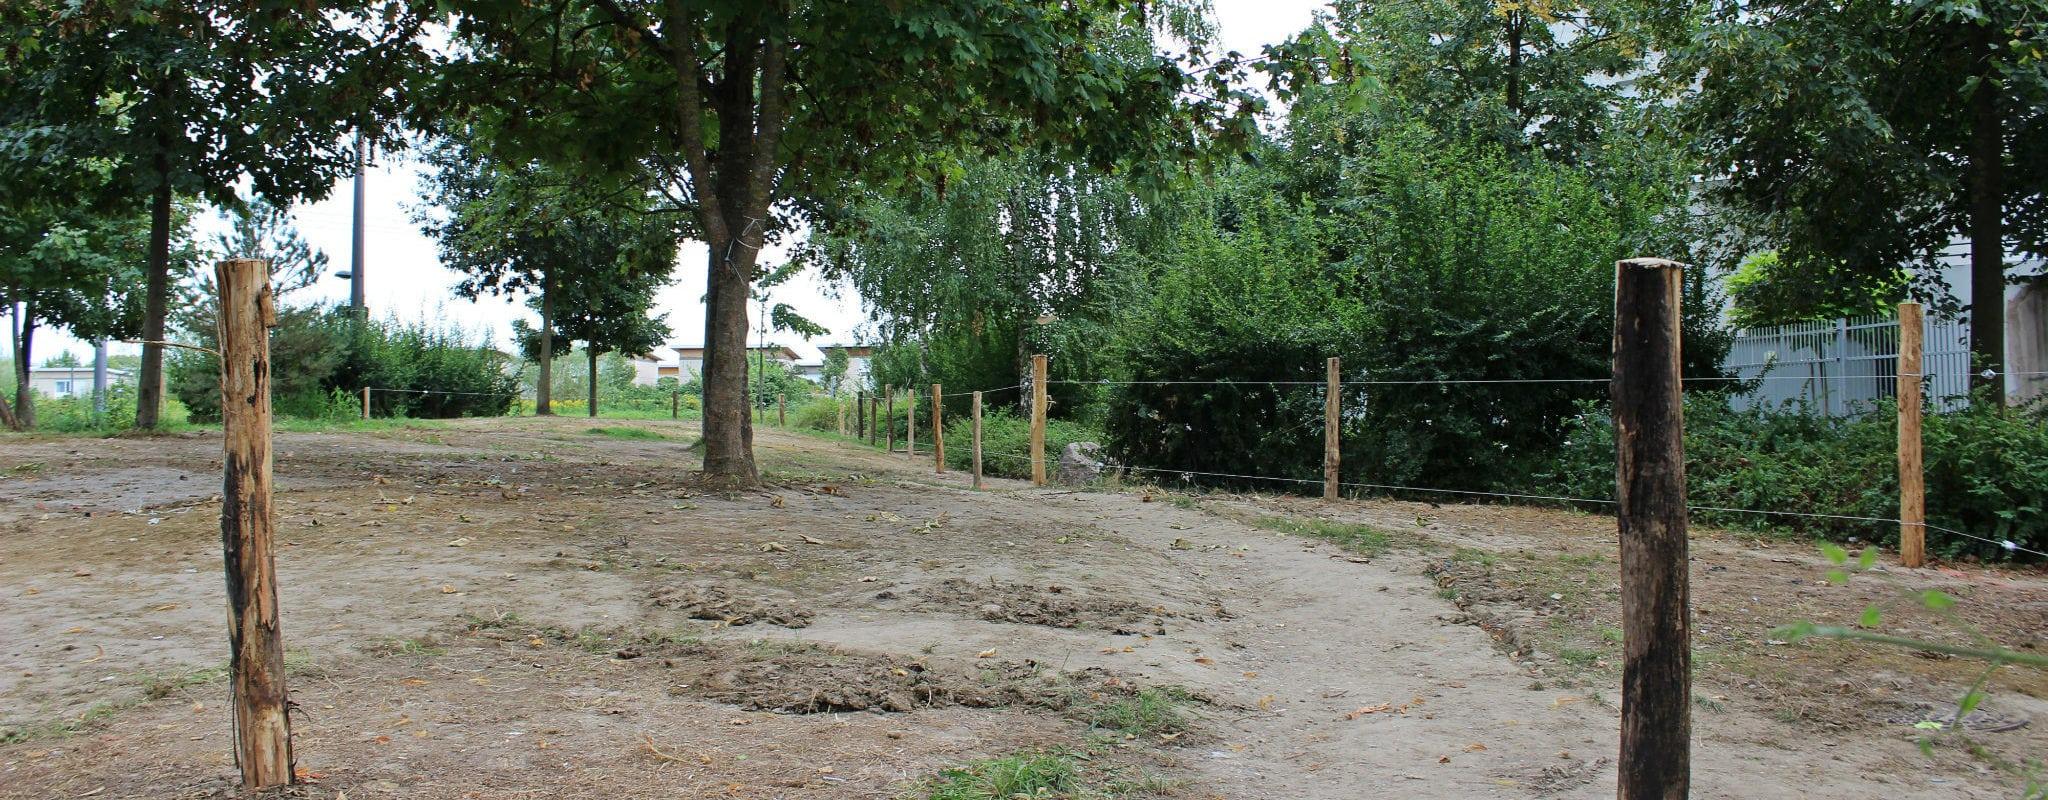 Après le démantèlement, la Ville clôture le terrain des Canonniers